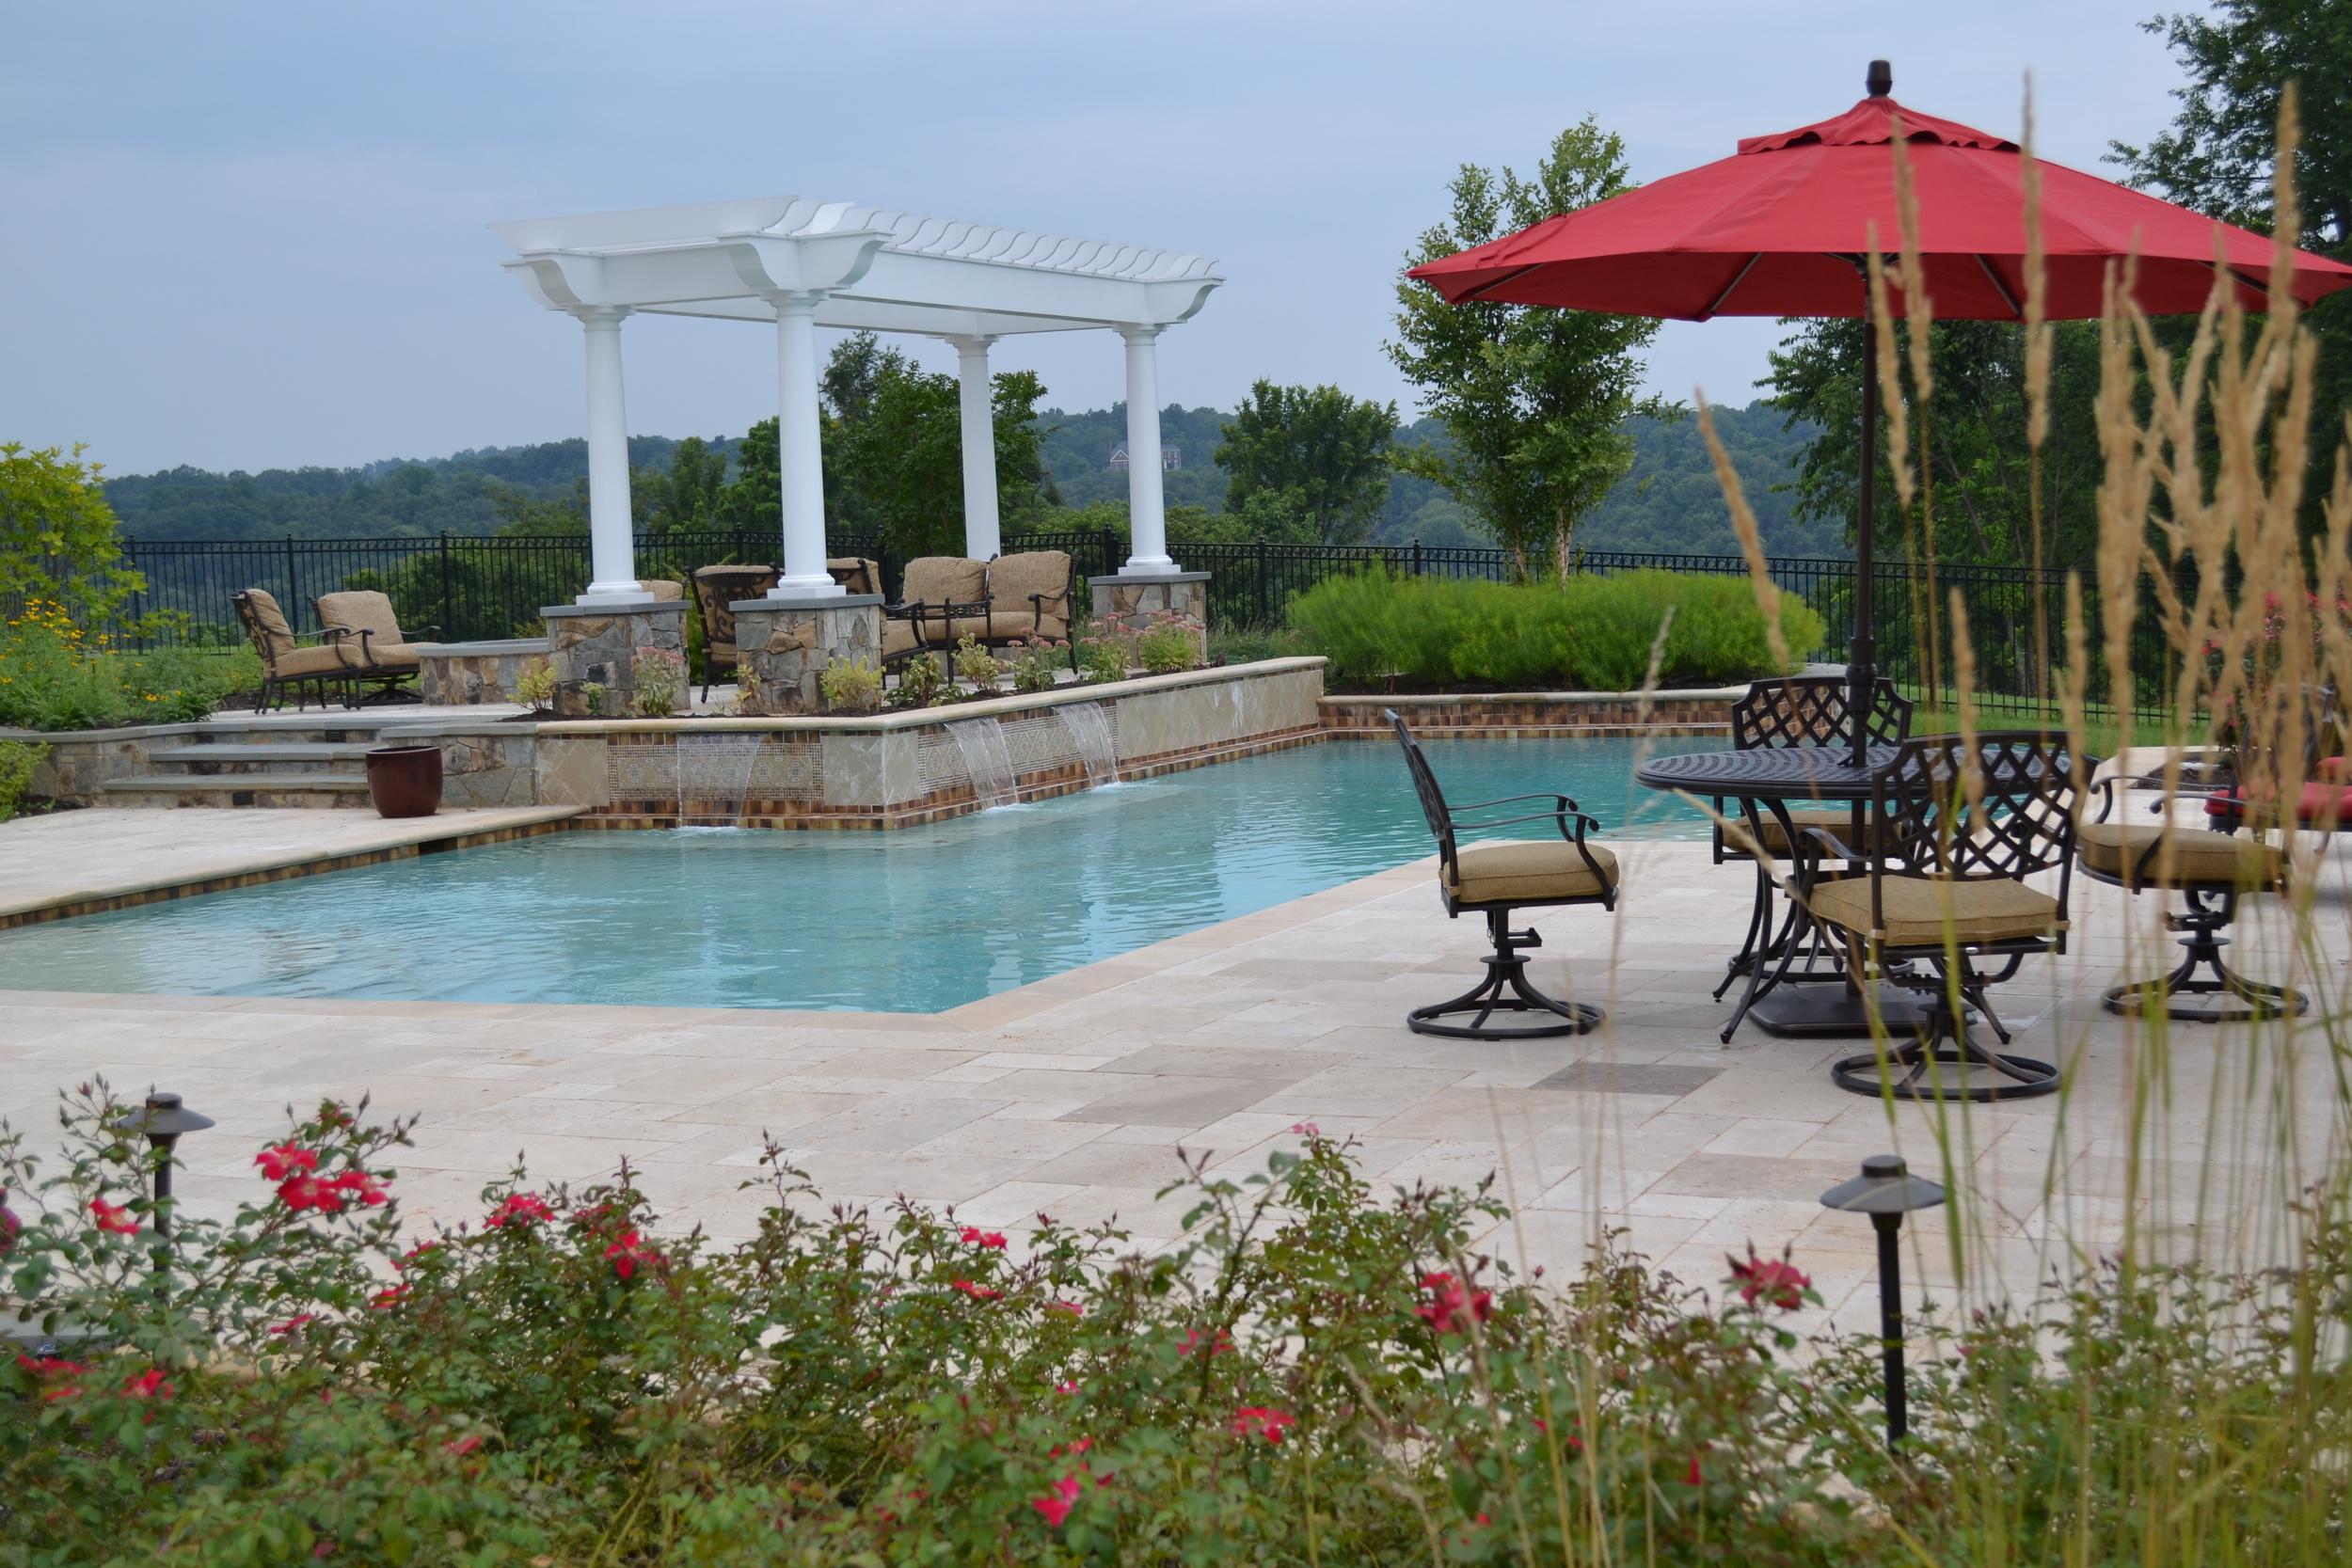 Aldie Residence Pool & Plantings